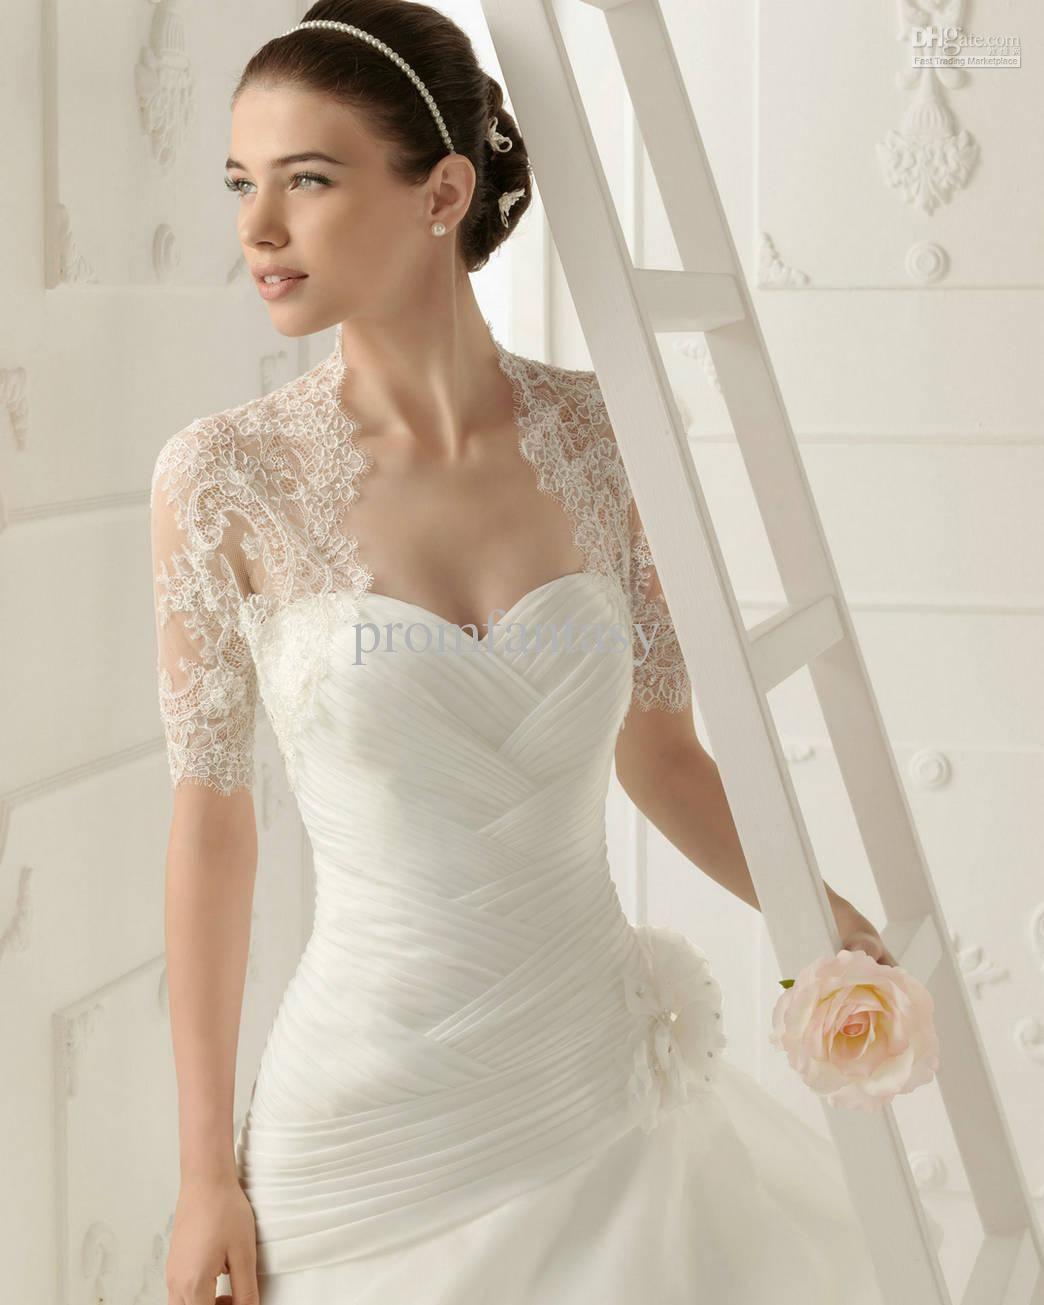 Wholesale 2013 Custom New Elegant Short Sleeves White Lace Bolero